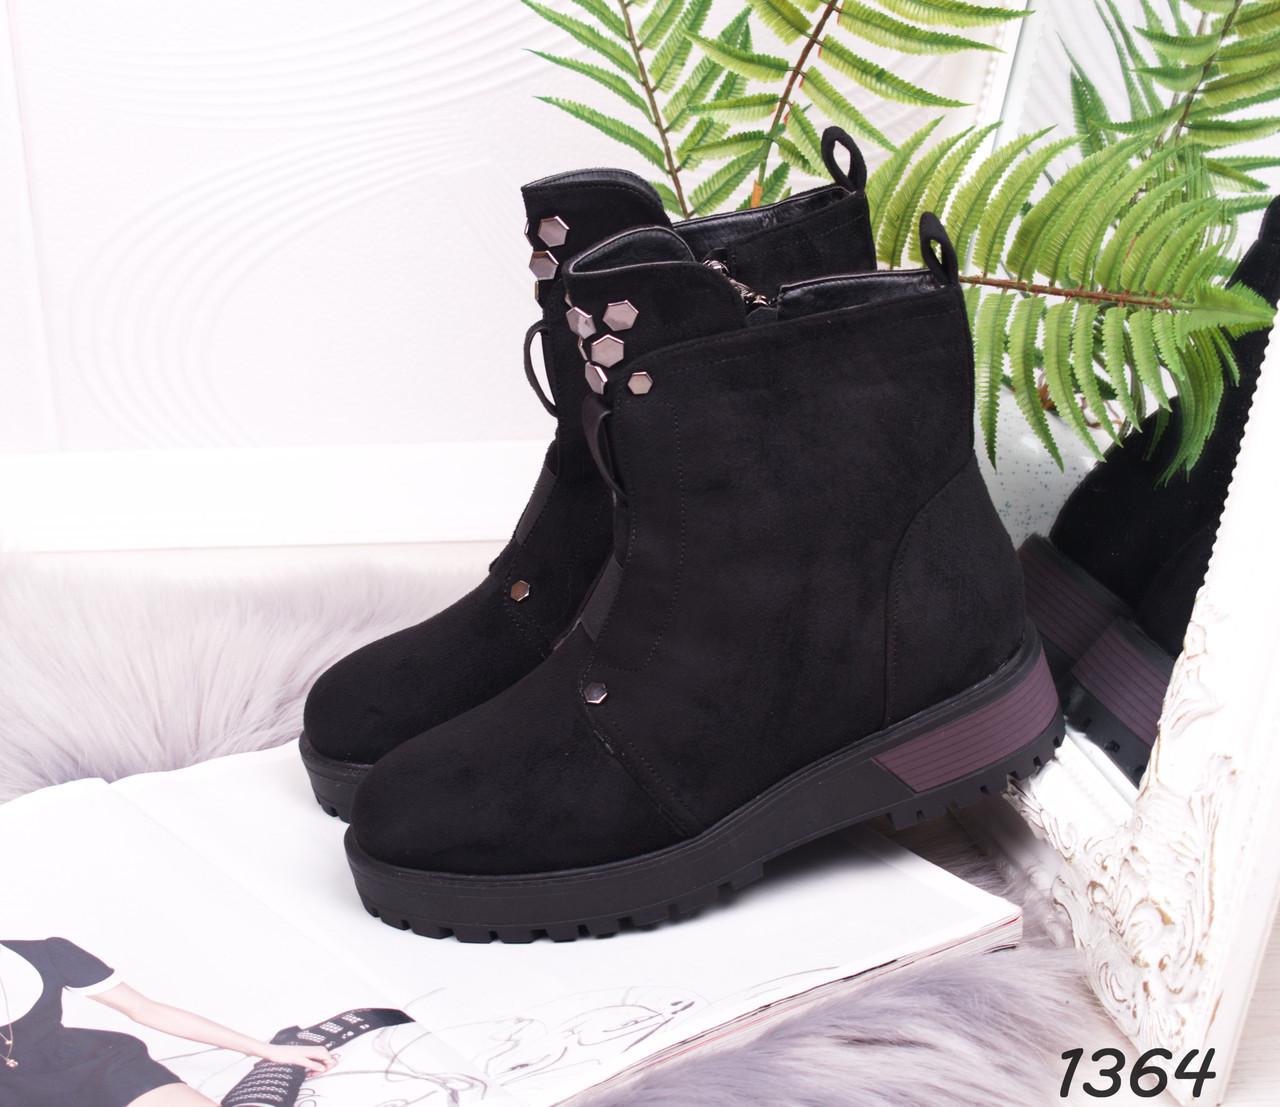 1f4d8055 Ботинки женские зимние черные замшевые на низком ходу, низкий ход, зима,  маленький каблук